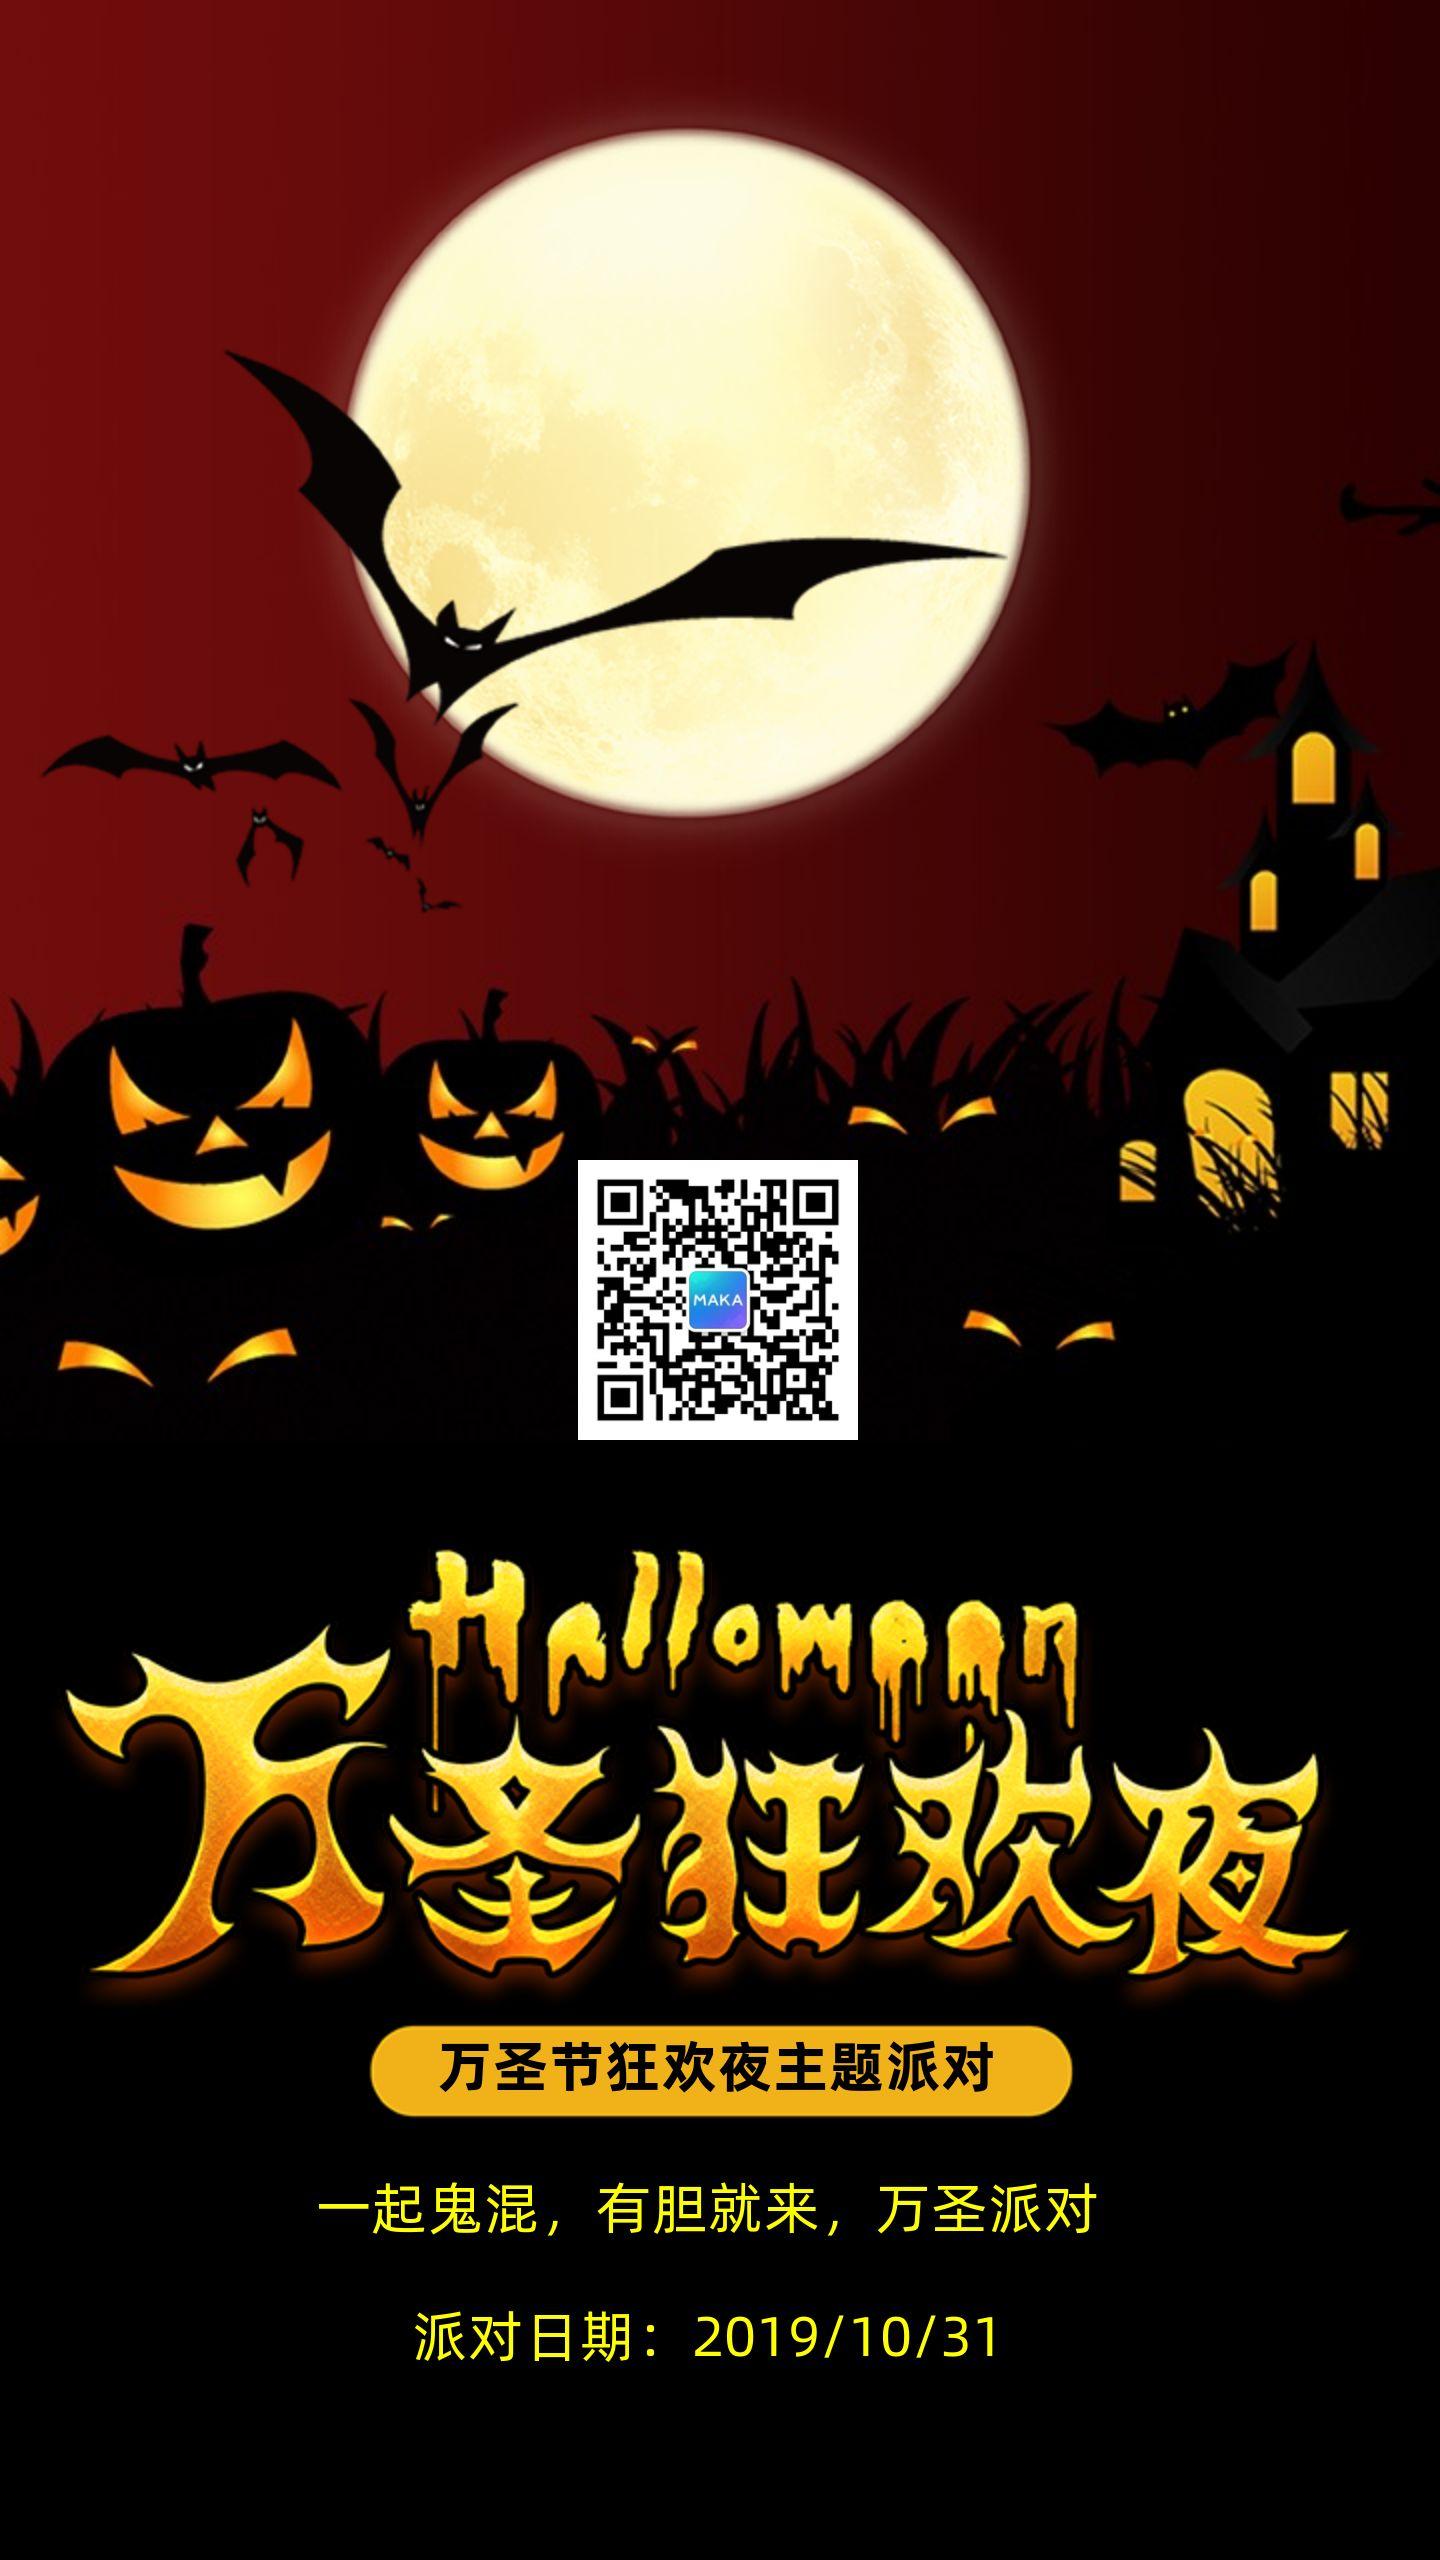 万圣节卡通风黑黄色古堡鬼魂奇幻之夜南瓜蝙蝠海报